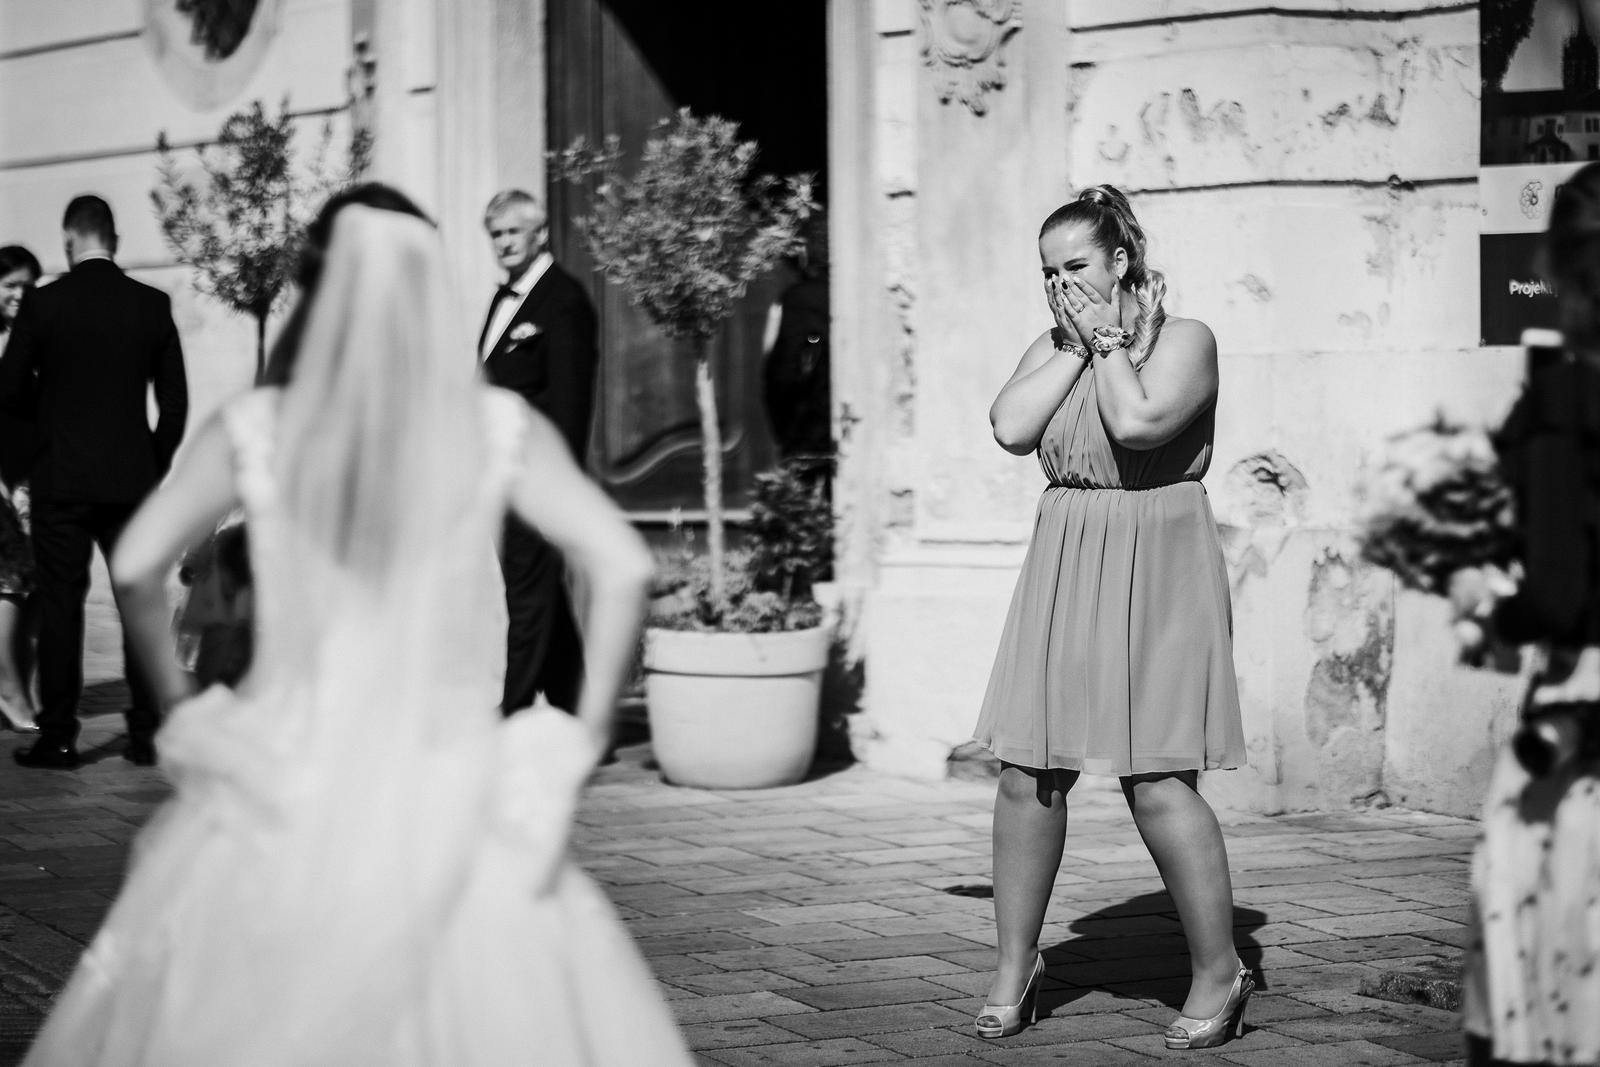 Zuzana{{_AND_}}Tomáš - Moja najlepšia kamarátka / svedkyňa / ma až do svadobného dňa nevidela v šatách...tak konečne predsa =)